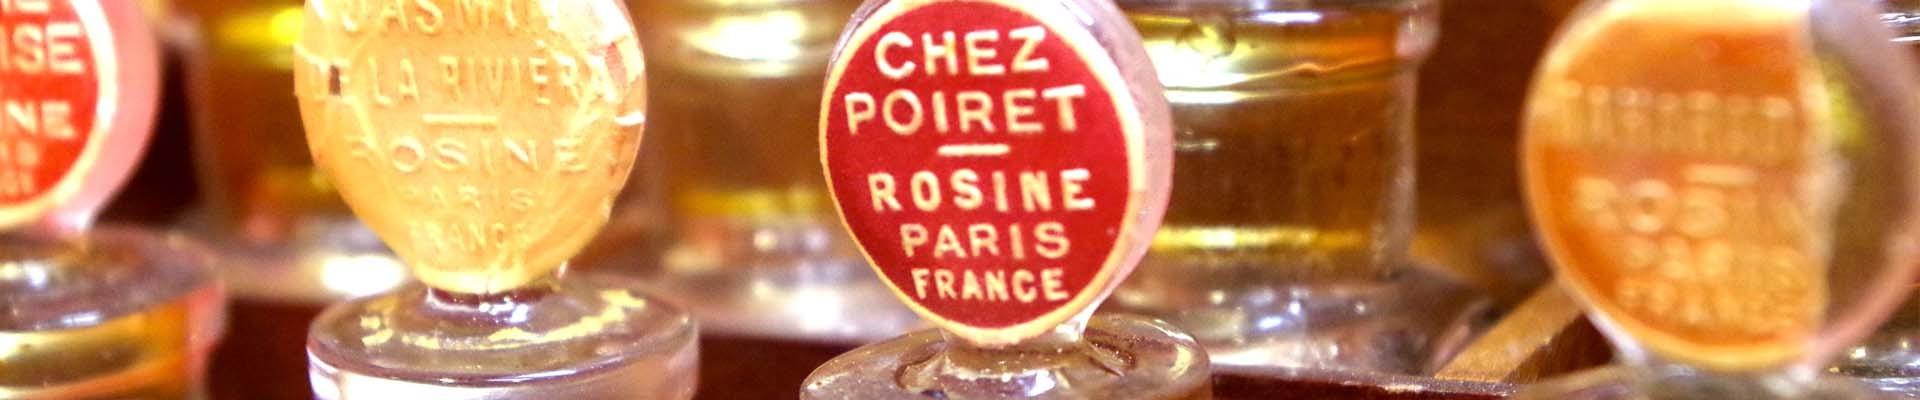 Coffret Poiret